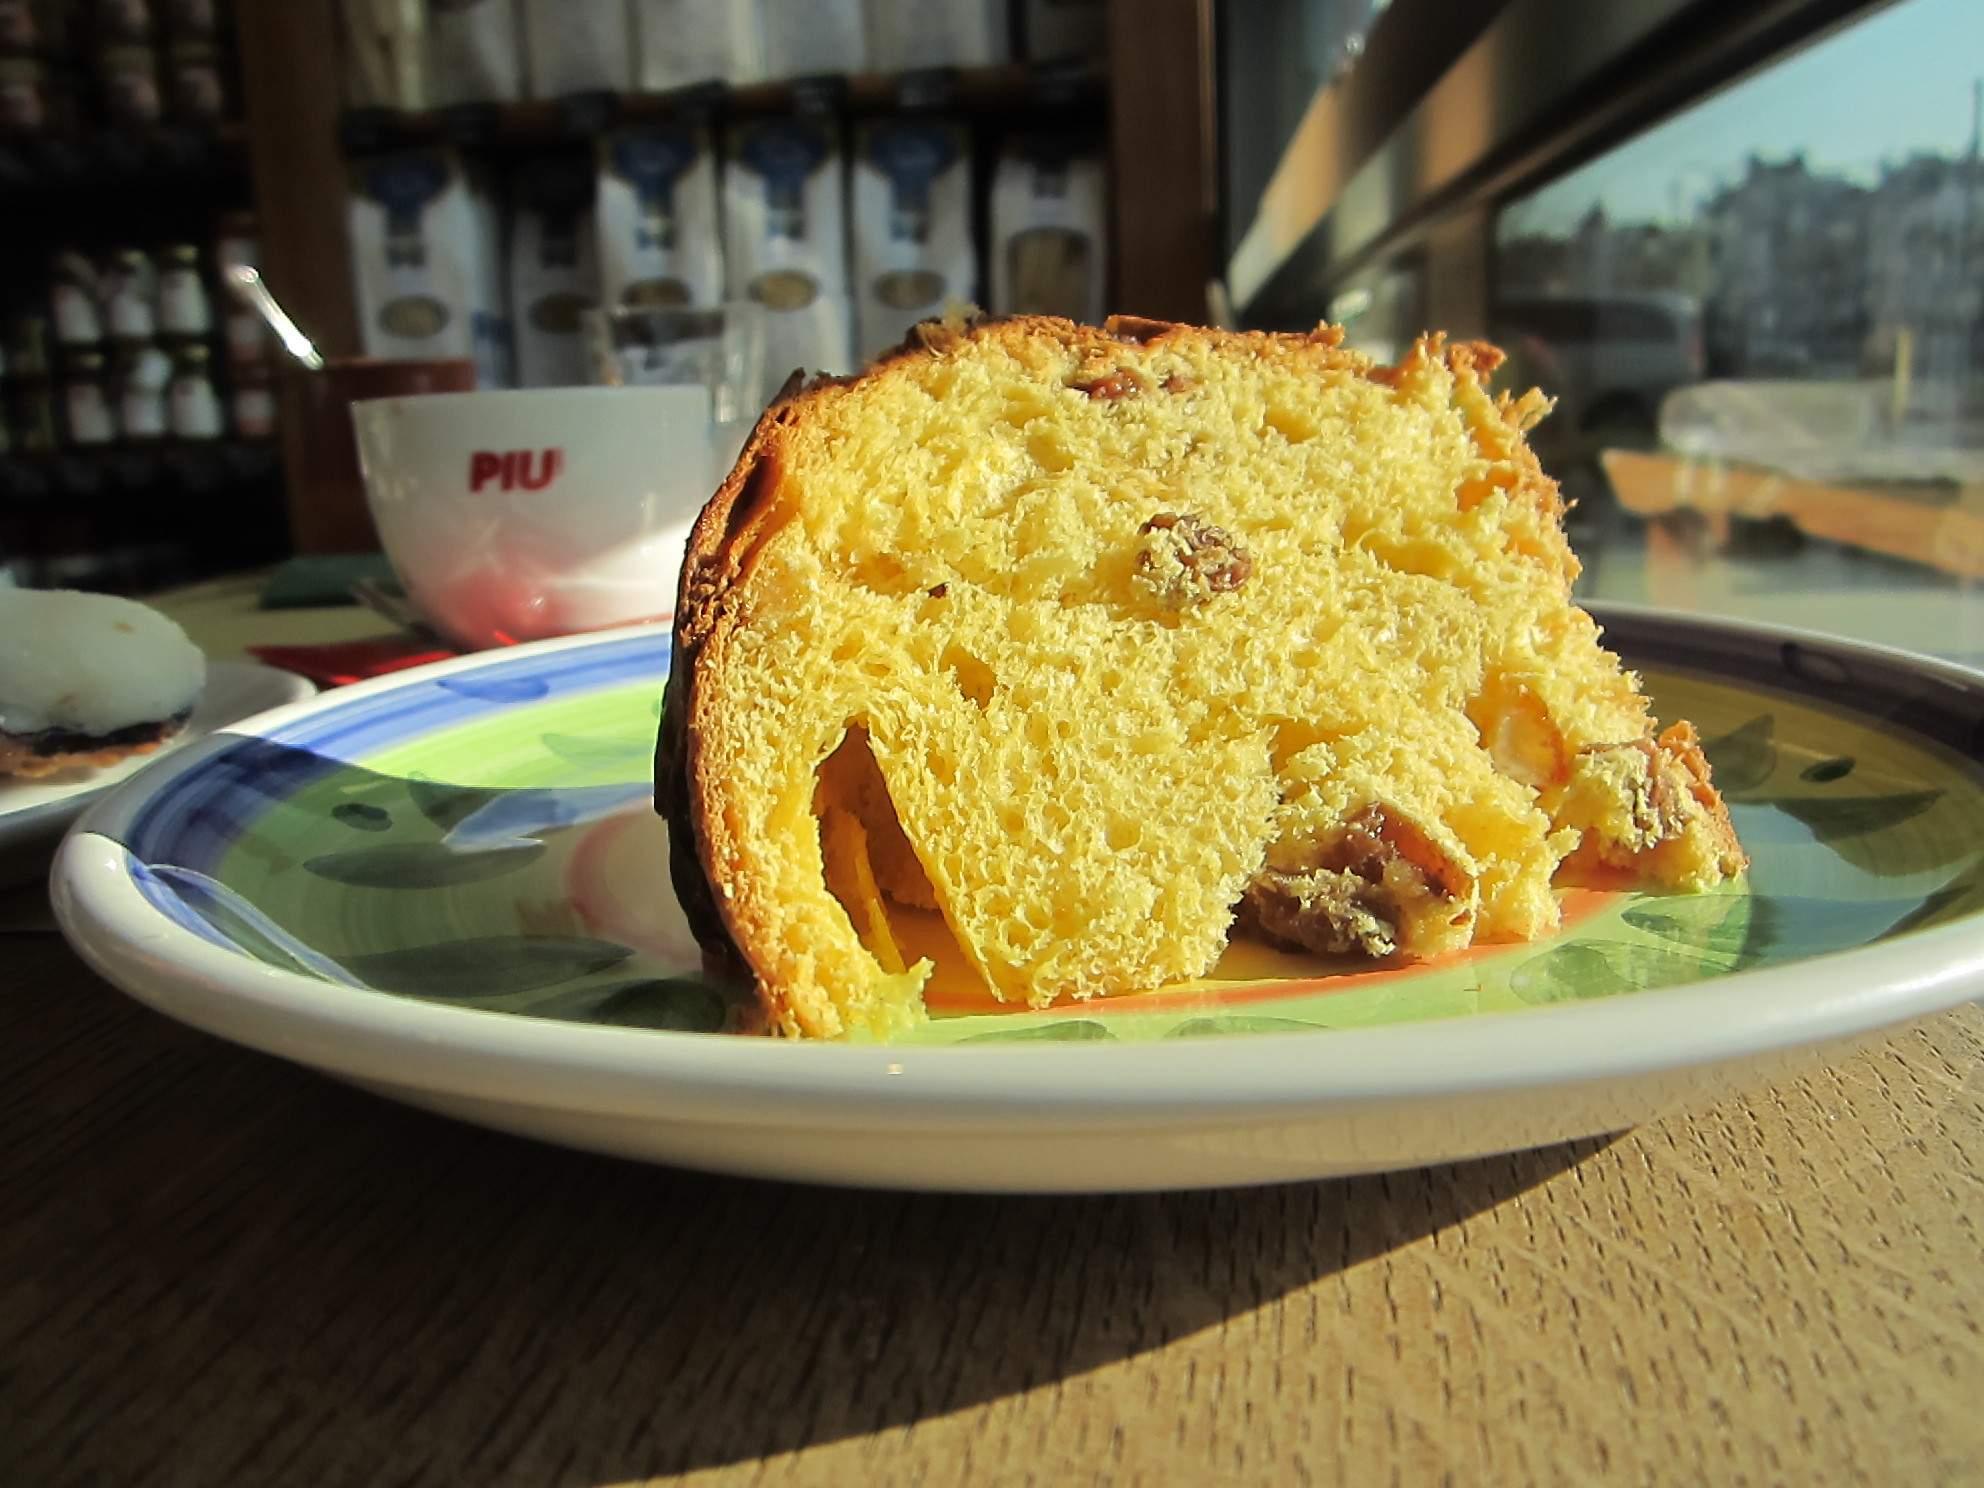 Le panettone, une spécialité italienne